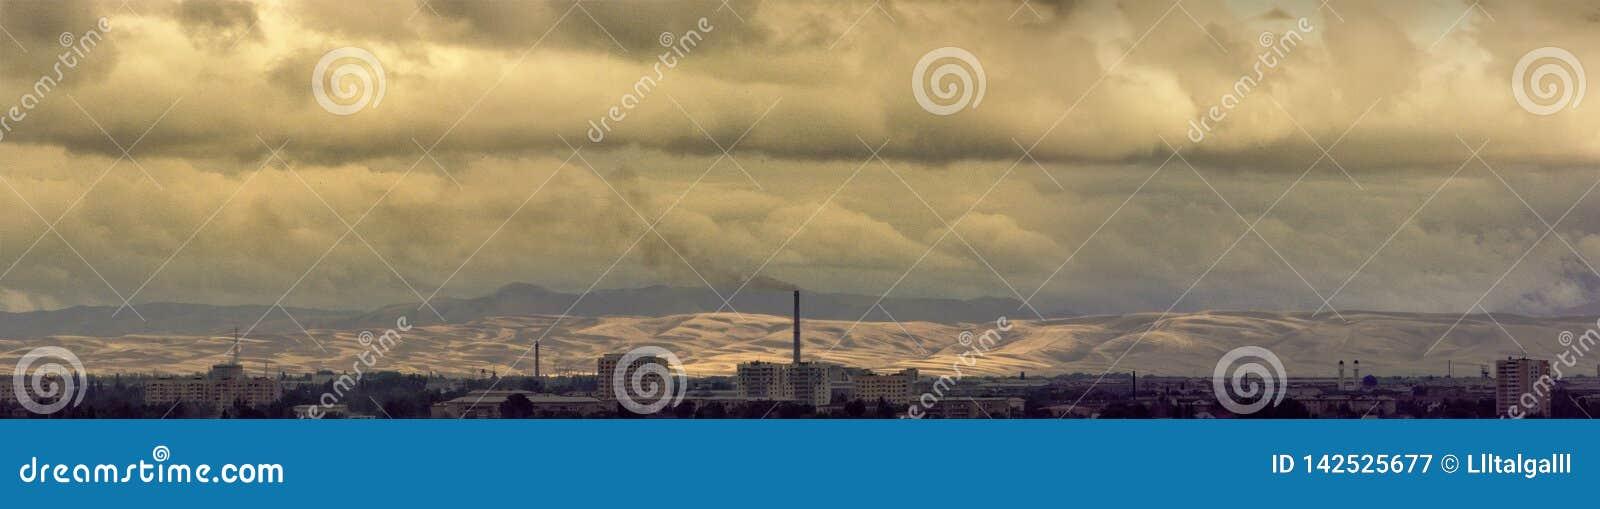 Stad ?Taldykorgan ? Panoramisch beeld bewolkte dag De Republiek Kazachstan